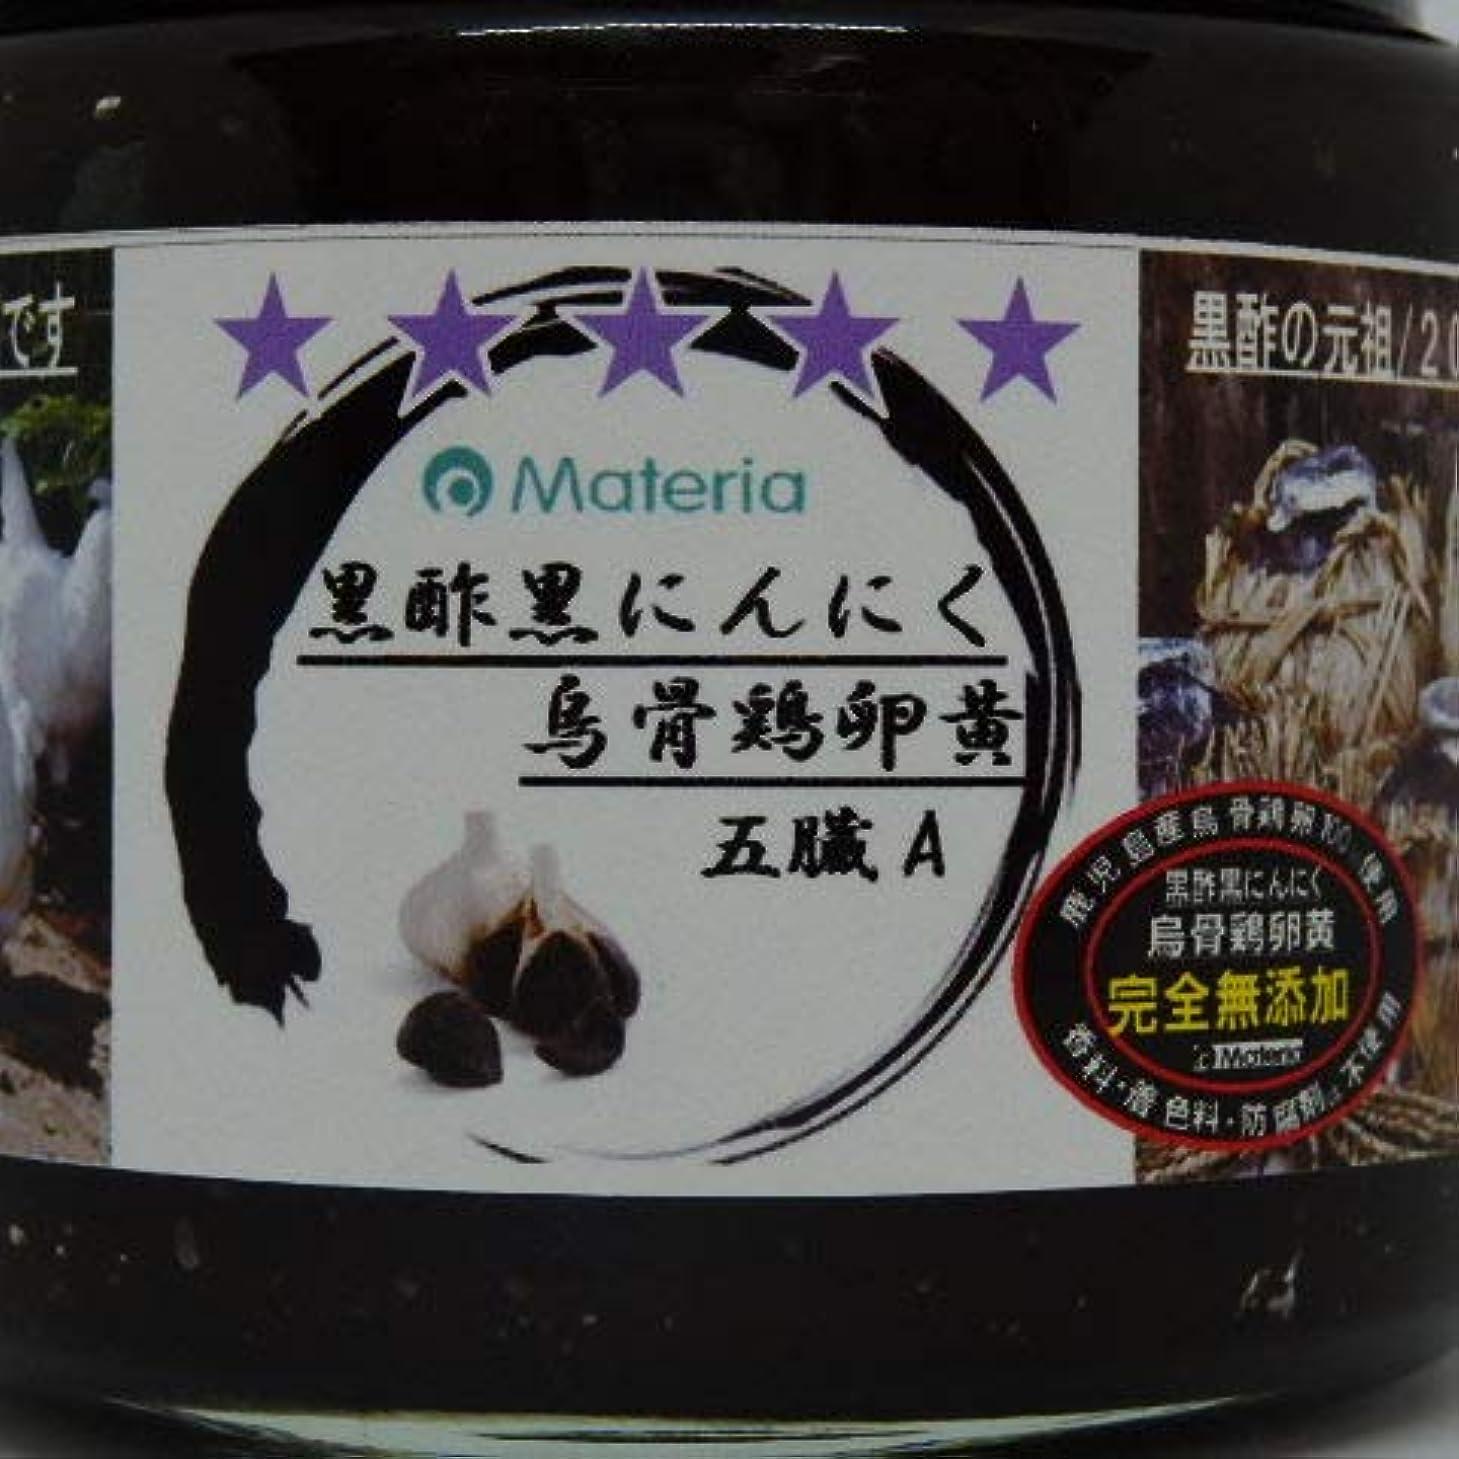 きらめき鏡磁器黒酢黒にんにく烏骨鶏卵黄/五臓系ペ-スト早溶150g(1月分)¥11,600